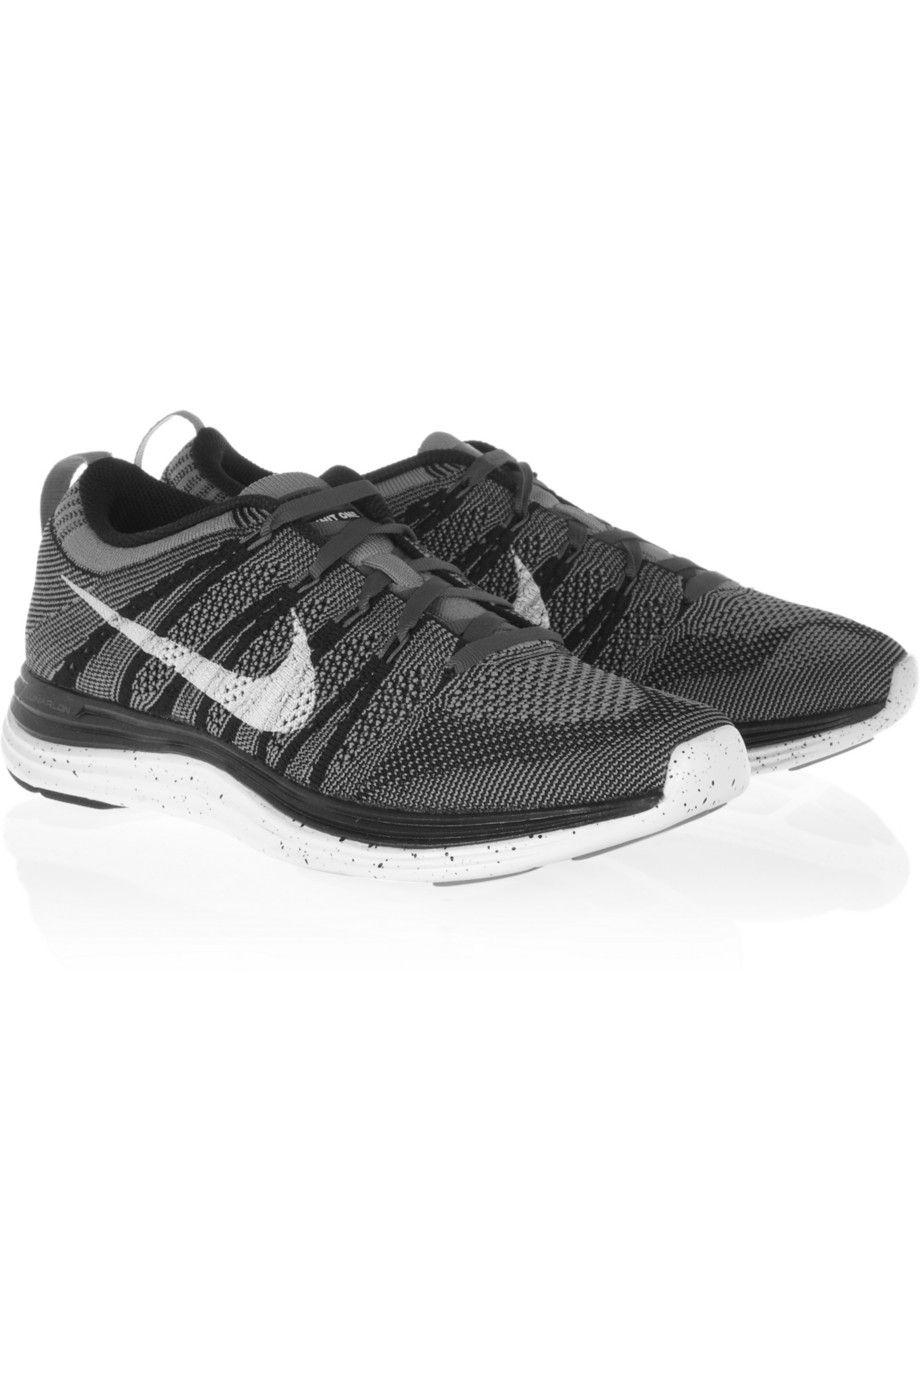 Nike Lunar Flyknit 1 Sneakers Net A Porter Com Nike Free